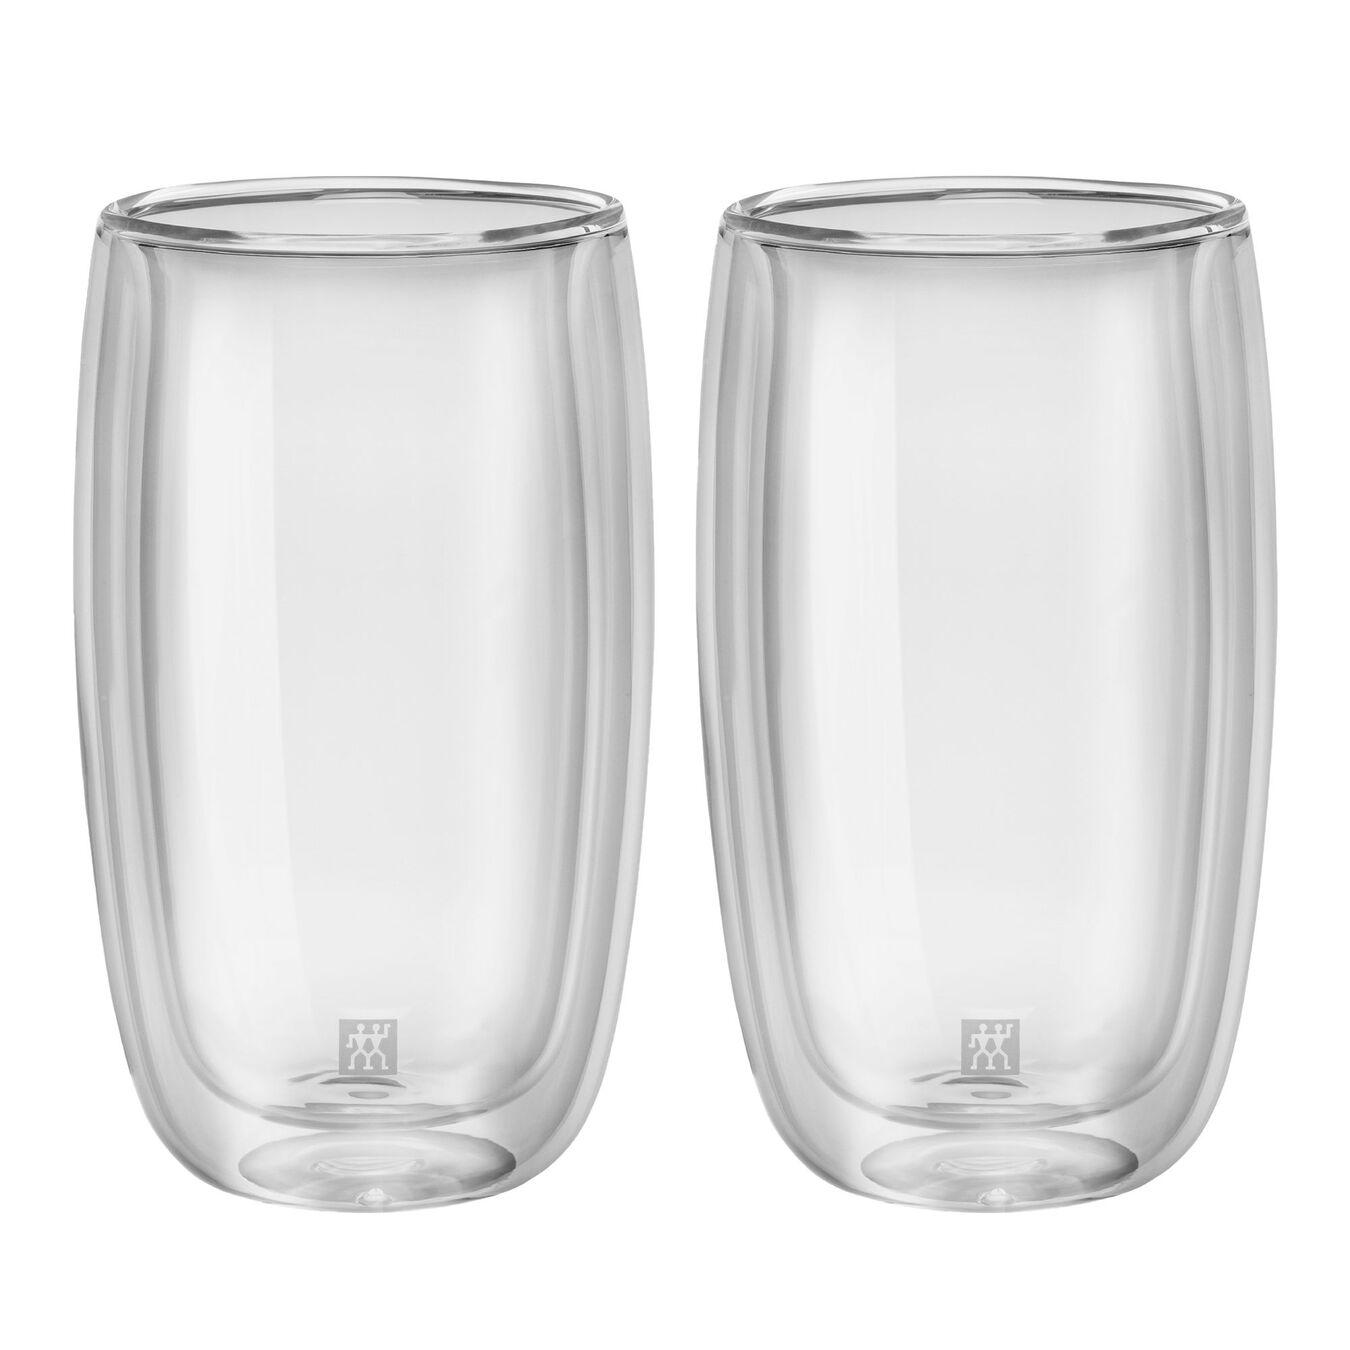 Service de verres à latte macchiato à double paroi, 2-pces,,large 1